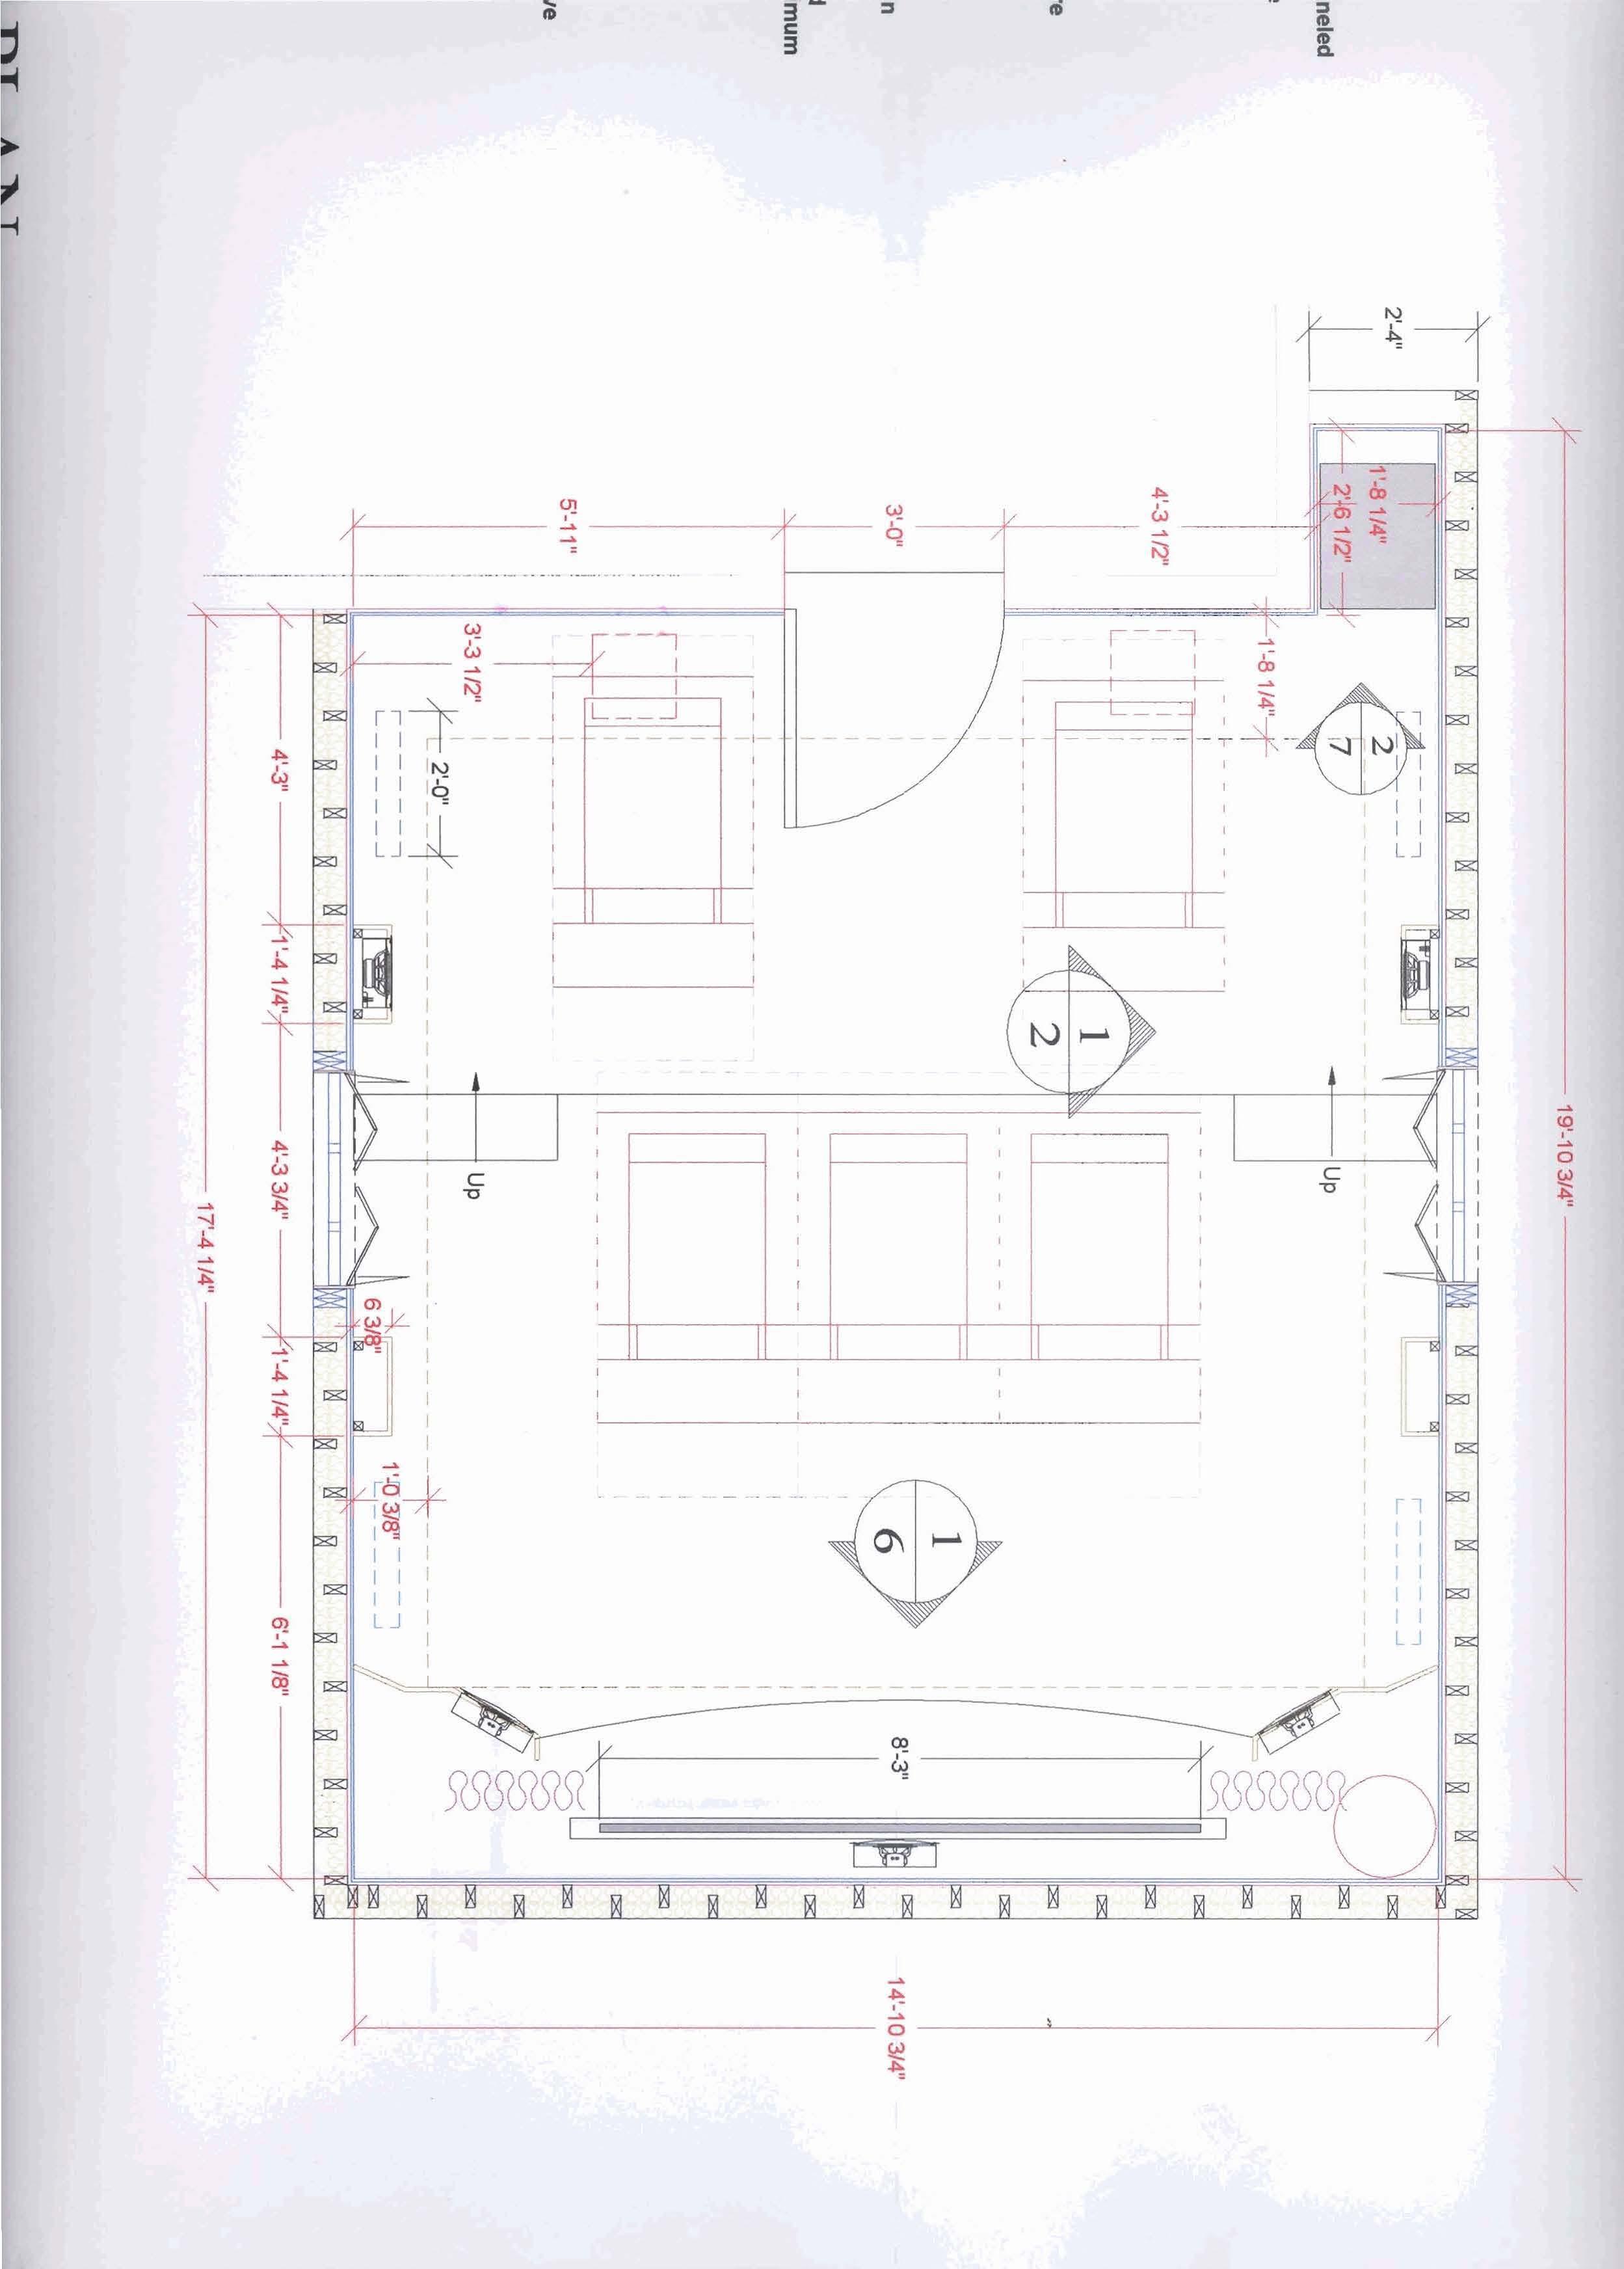 Hall_HT_page_1-_floorplan.jpg